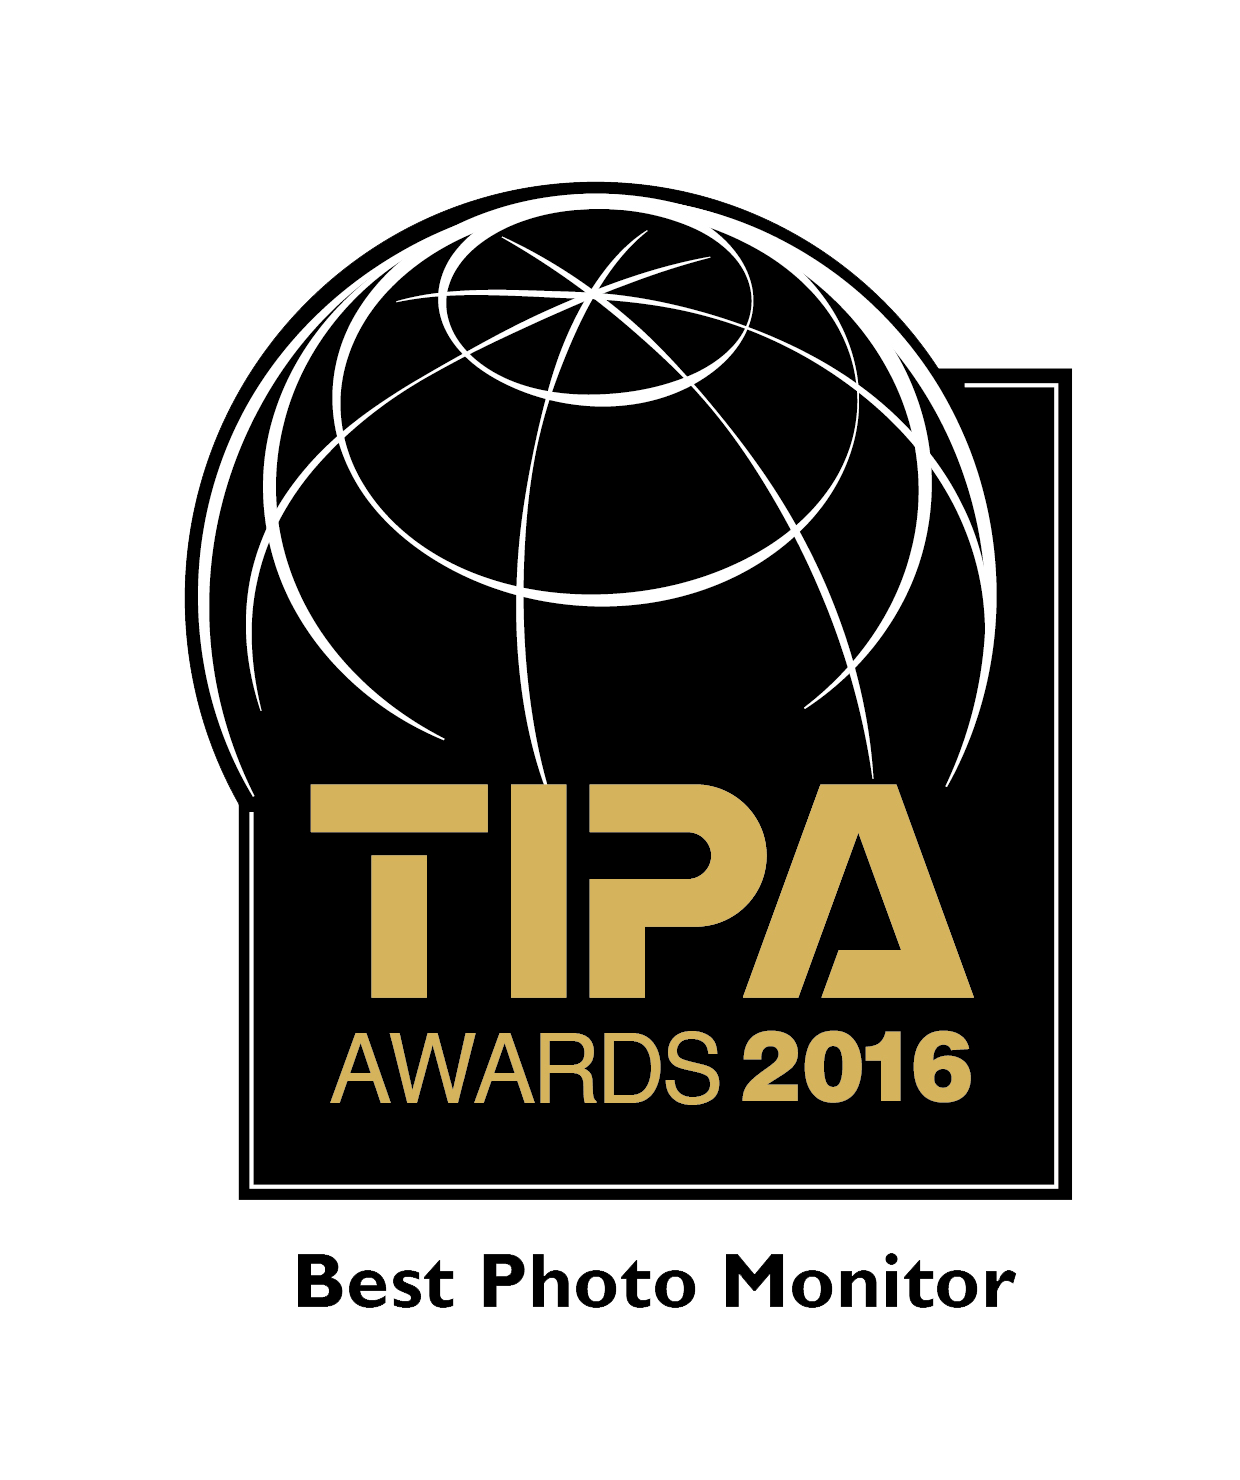 Najlepszy monitor dla fotografii w 2016 roku